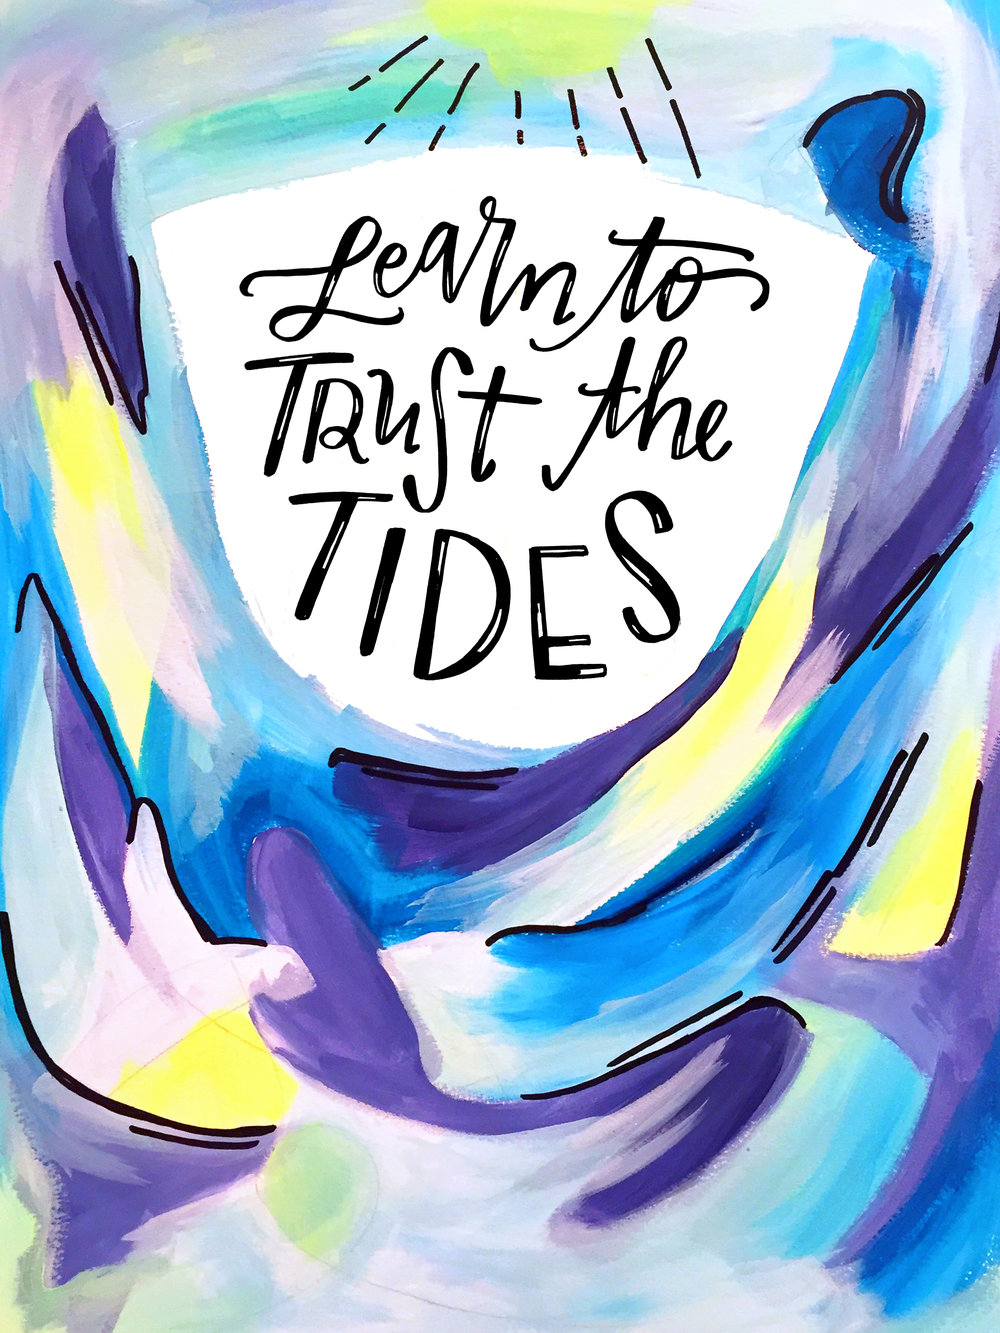 1/23/16: Tides